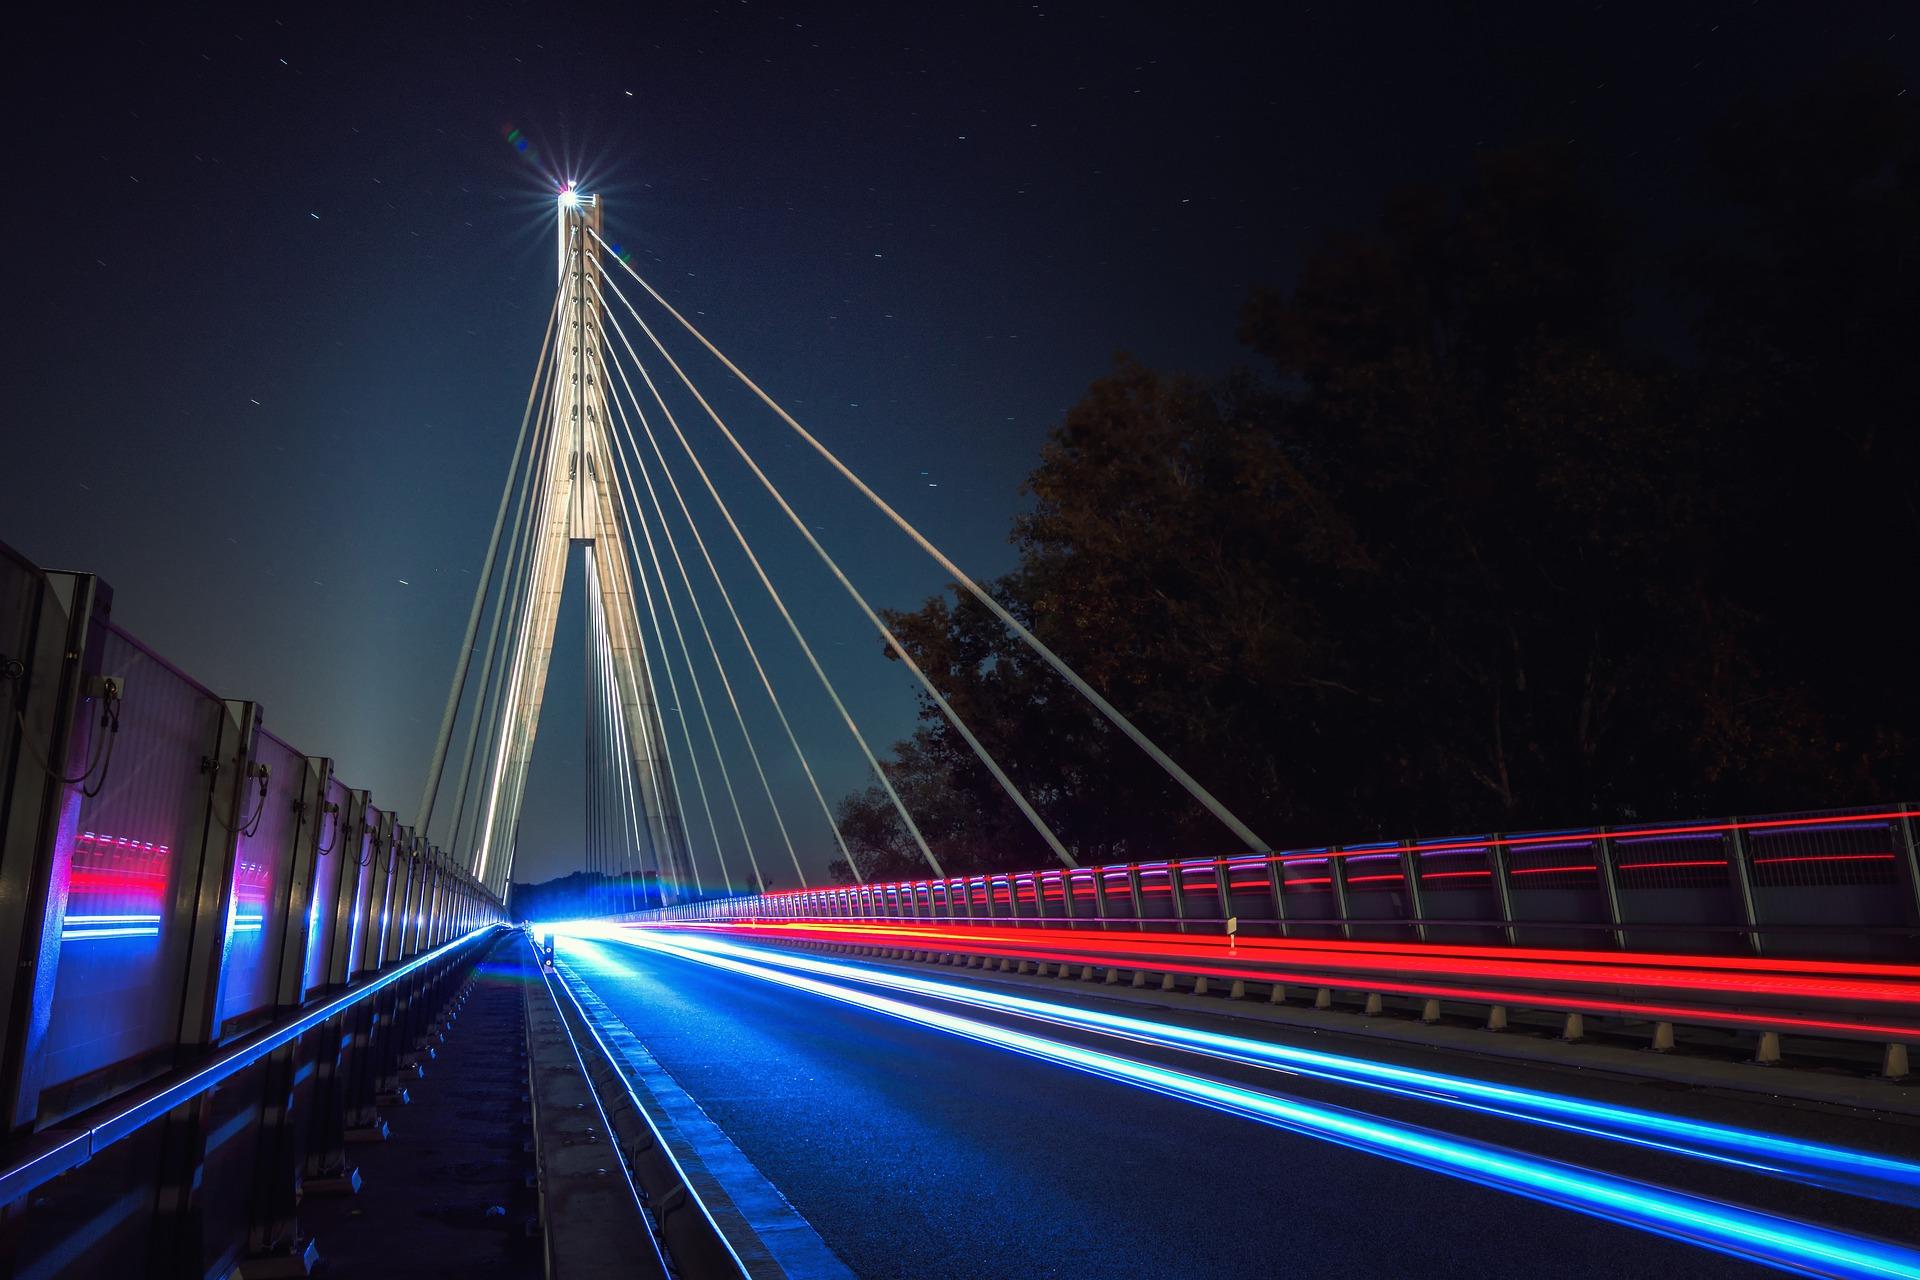 bridge-2952135_1920